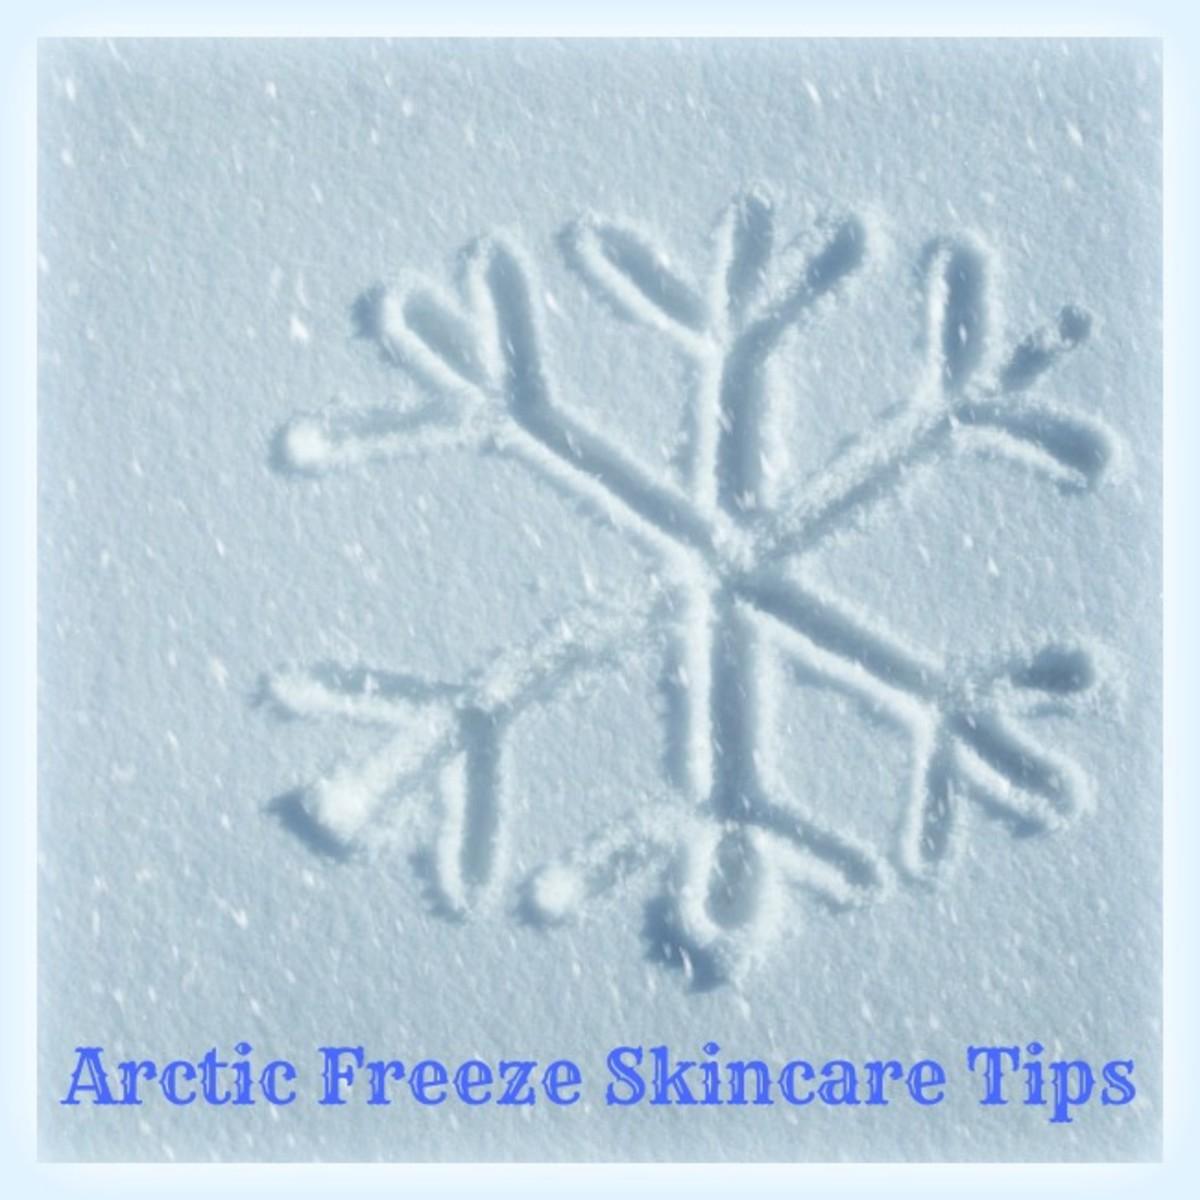 Arctic Freeze Skincare Tips